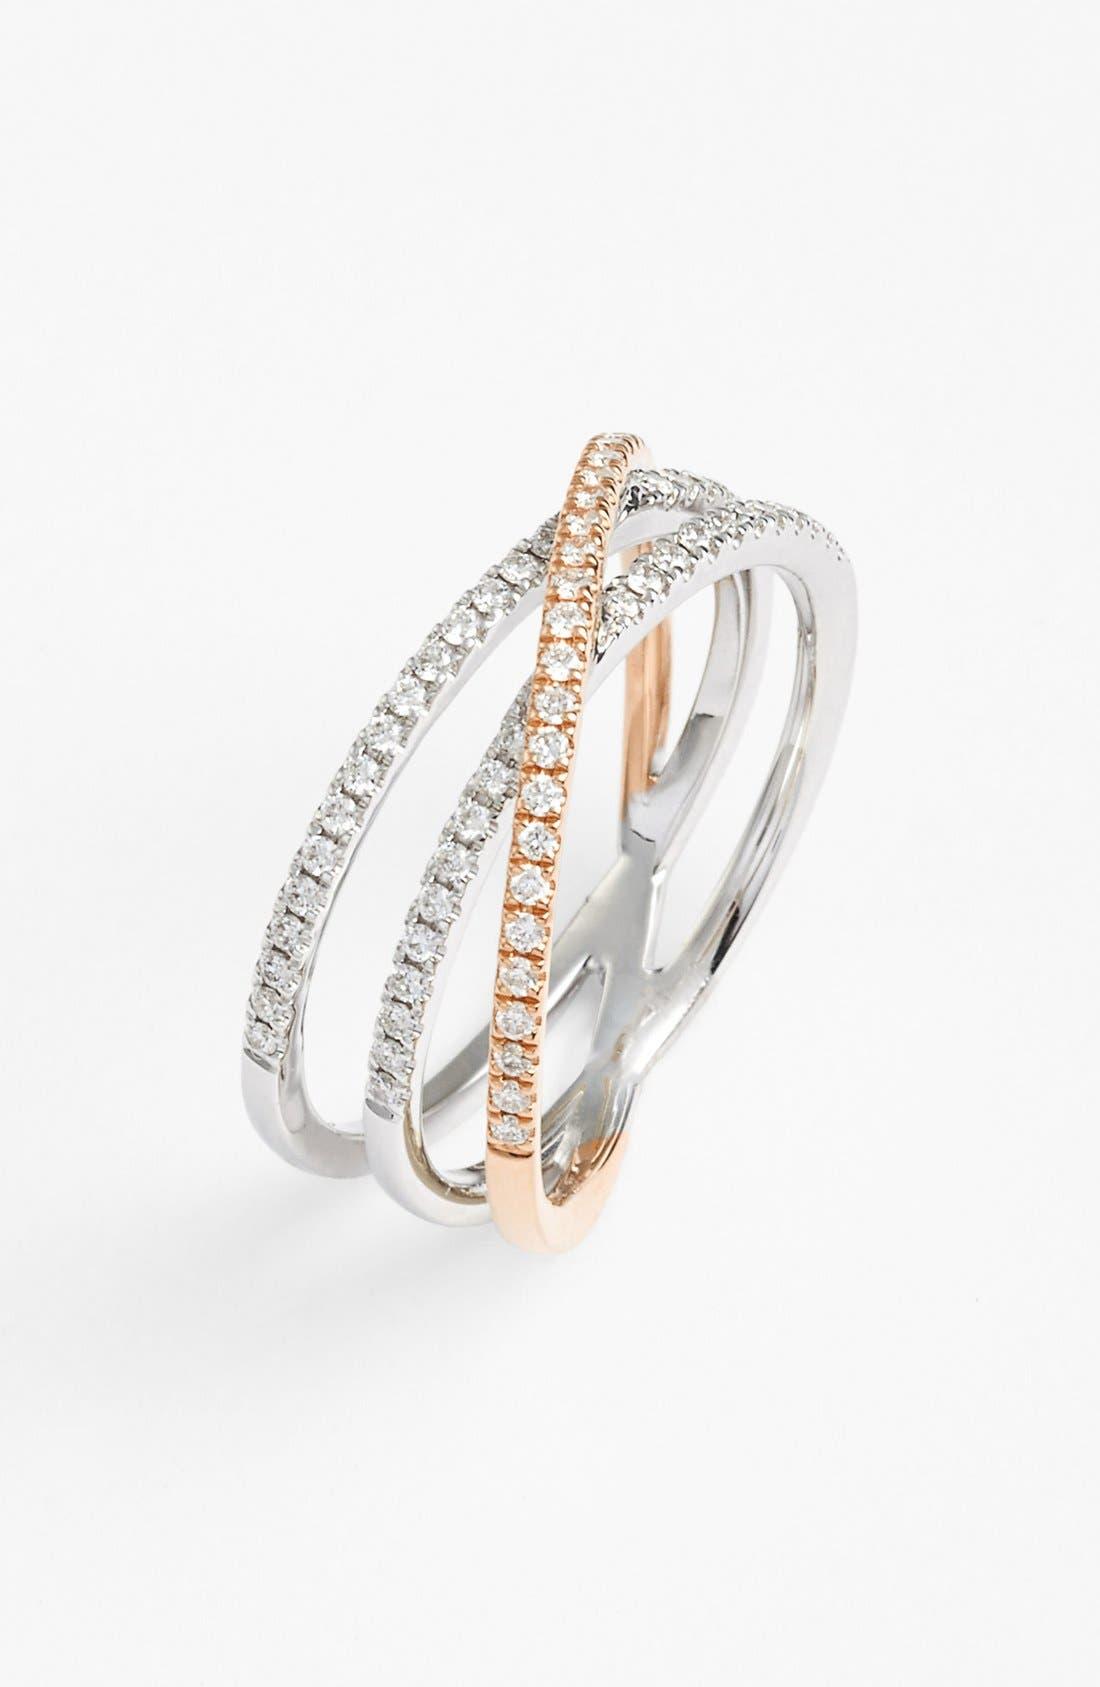 BONY LEVY Crossover Three-Row Diamond Ring